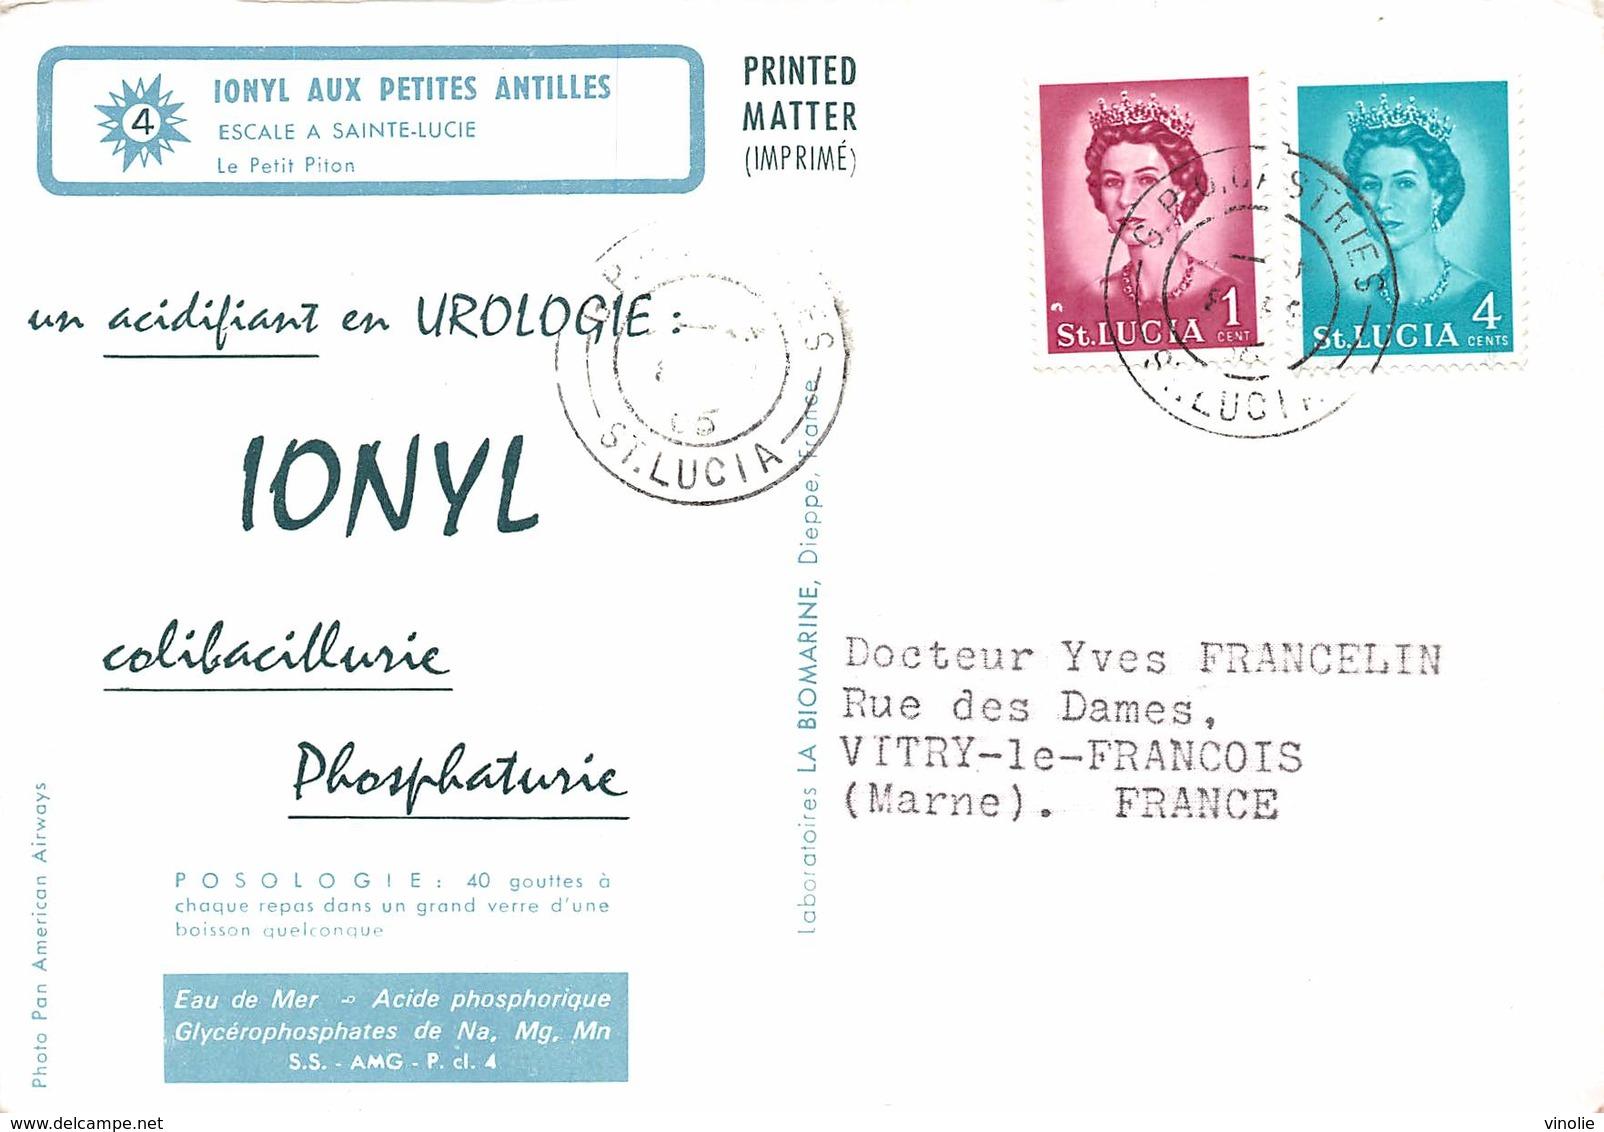 PIE-Arg-18-6838 : ESCALE A SAINTE-LUCIE. LE PETIT PITON. - Sainte-Lucie